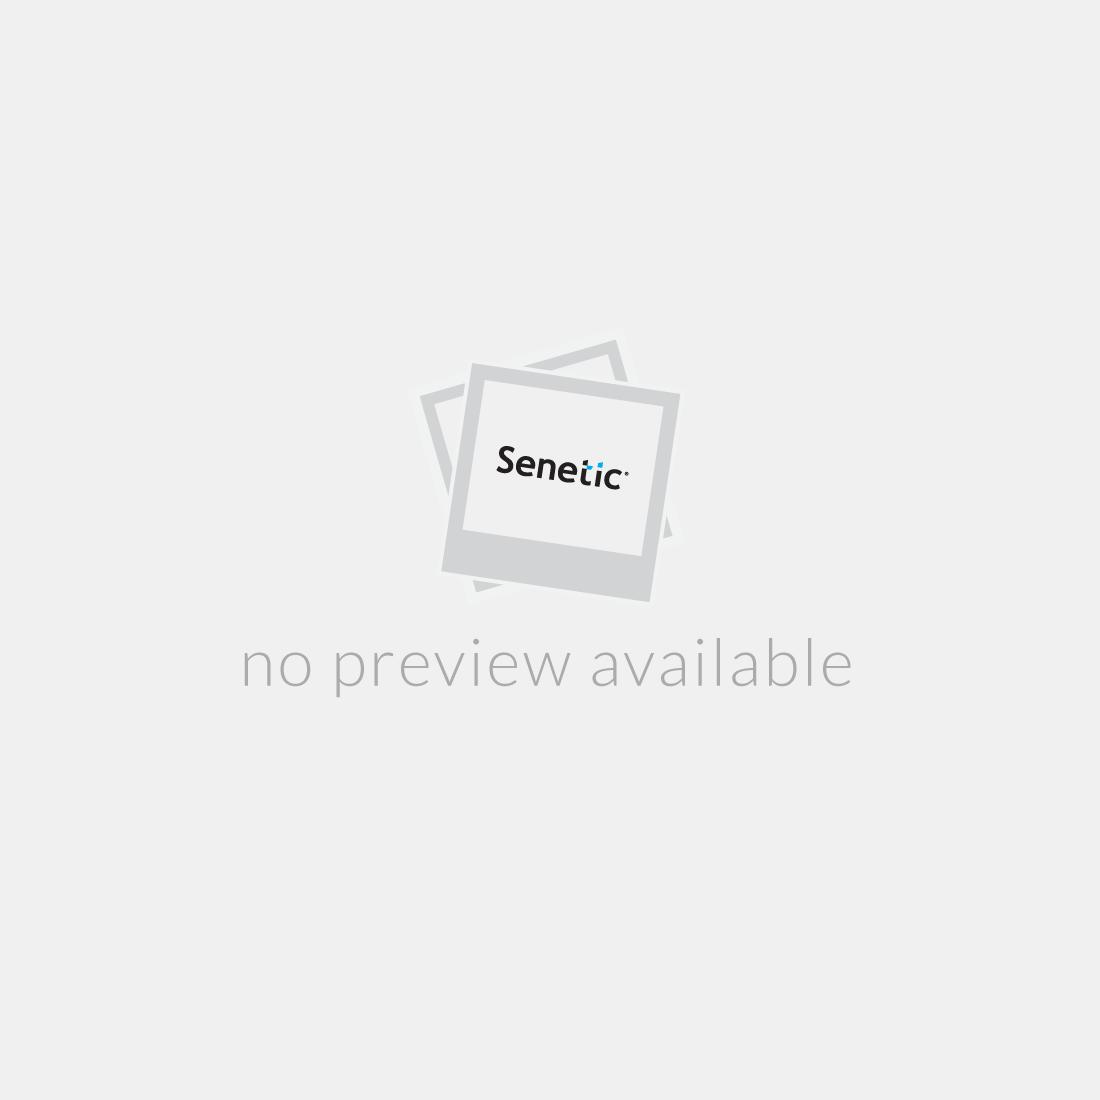 Windows 10 Enterprise E5 - 1 license(s) - Open Value Subscription (OVS) - 1 month(s)